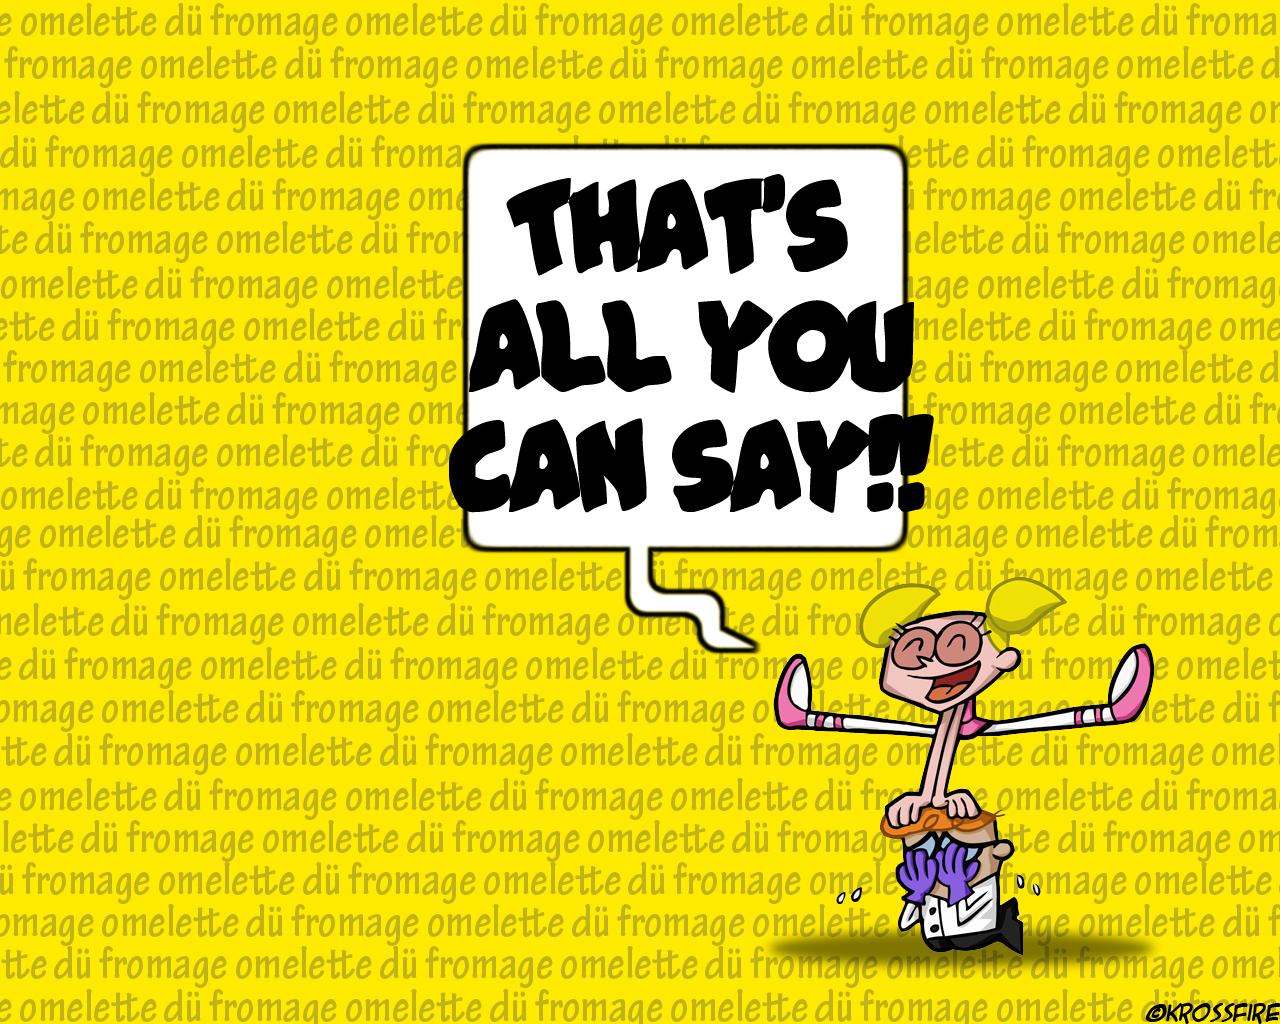 http://2.bp.blogspot.com/_SWF9i3Vzpac/TMkiak66K4I/AAAAAAAAA8g/-_vjfc0YEb8/s1600/Dexter\'s+Laboratory+Wallpaper.jpg